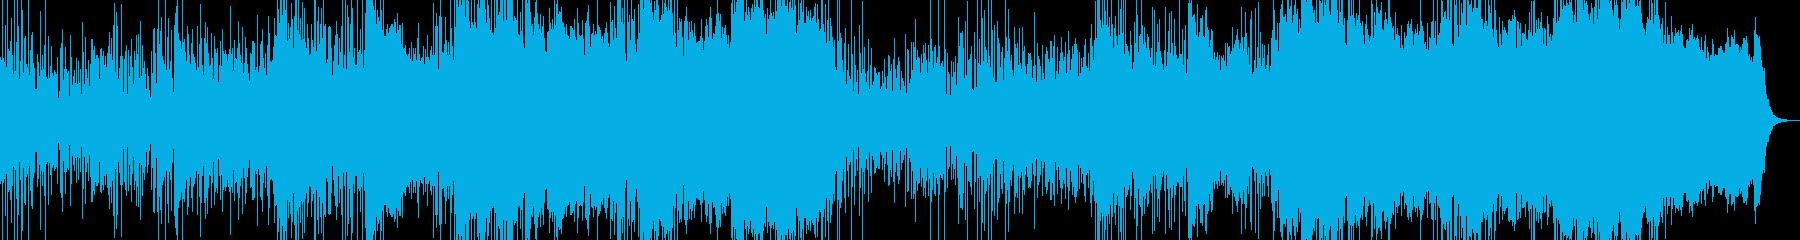 宇宙 深海のイメージの再生済みの波形